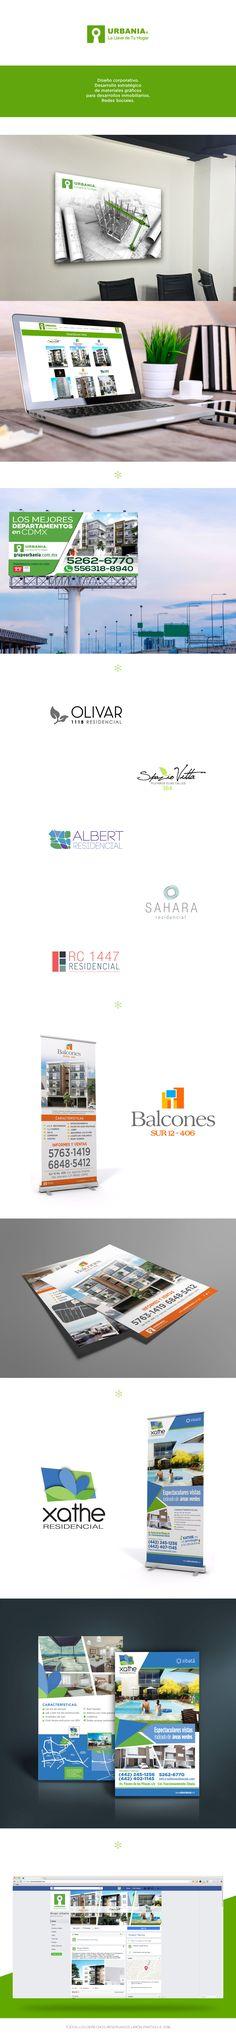 Diseño corporativo, desarrollo estratégico de materiales gráficos para desarrollos inmobiliarios y redes sociales.